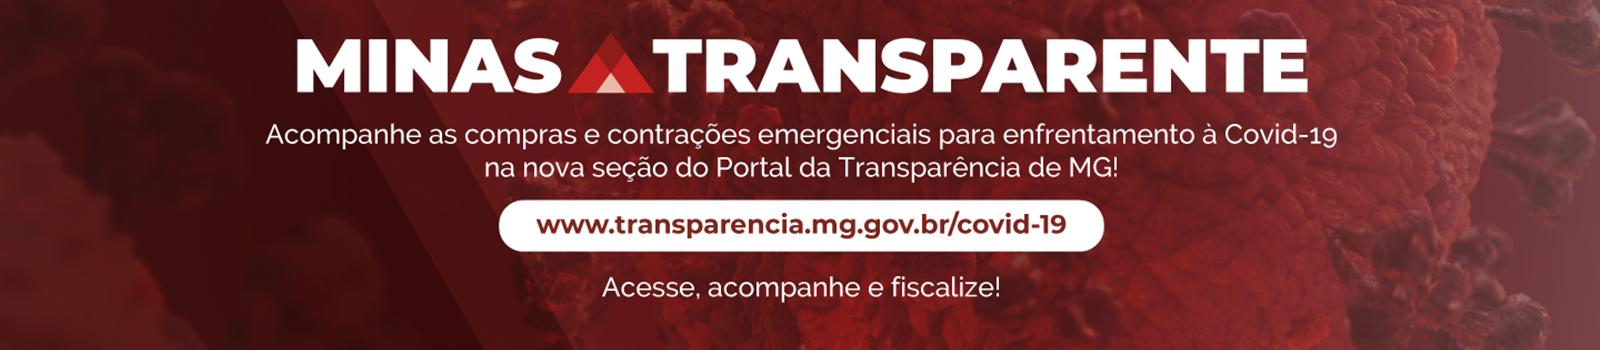 Minas Transparente